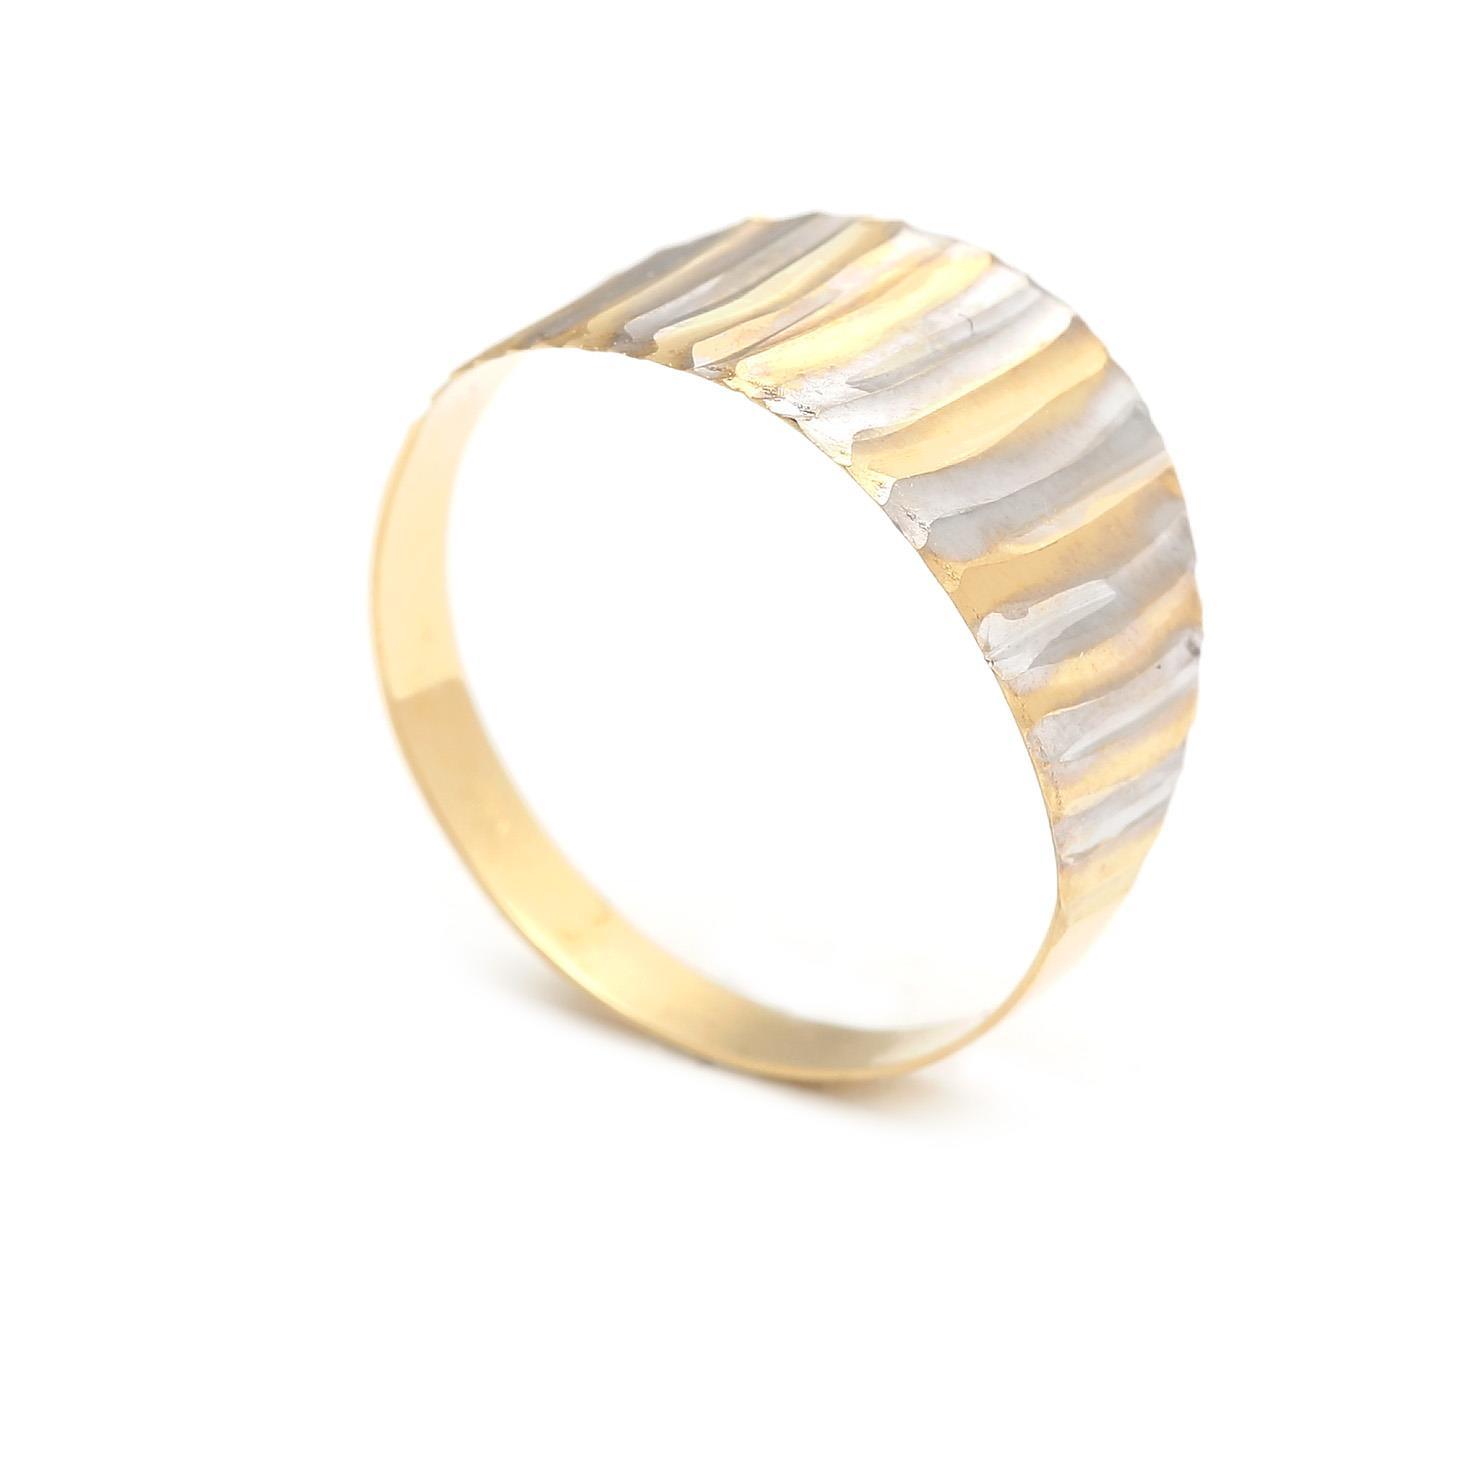 Zlatý dámsky prsteň LILUYE 4PK00223